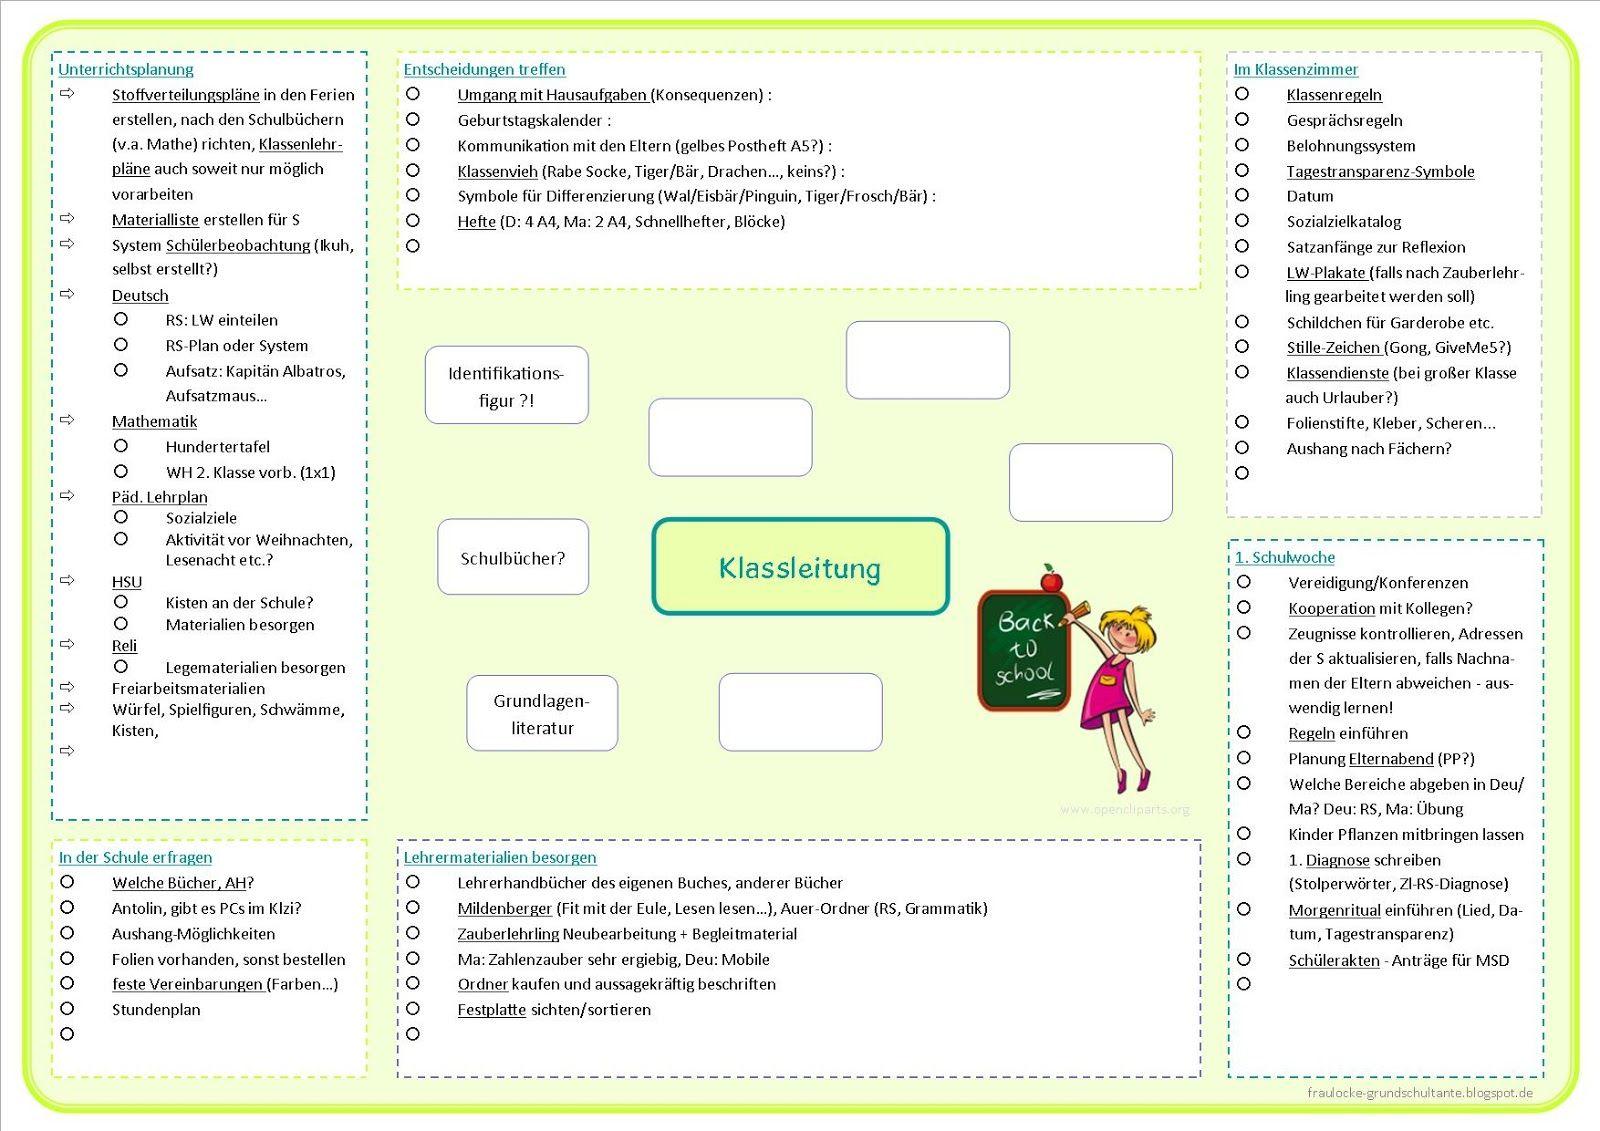 Frau Locke: Checkliste für die 1. Klassleitung | classroom ...